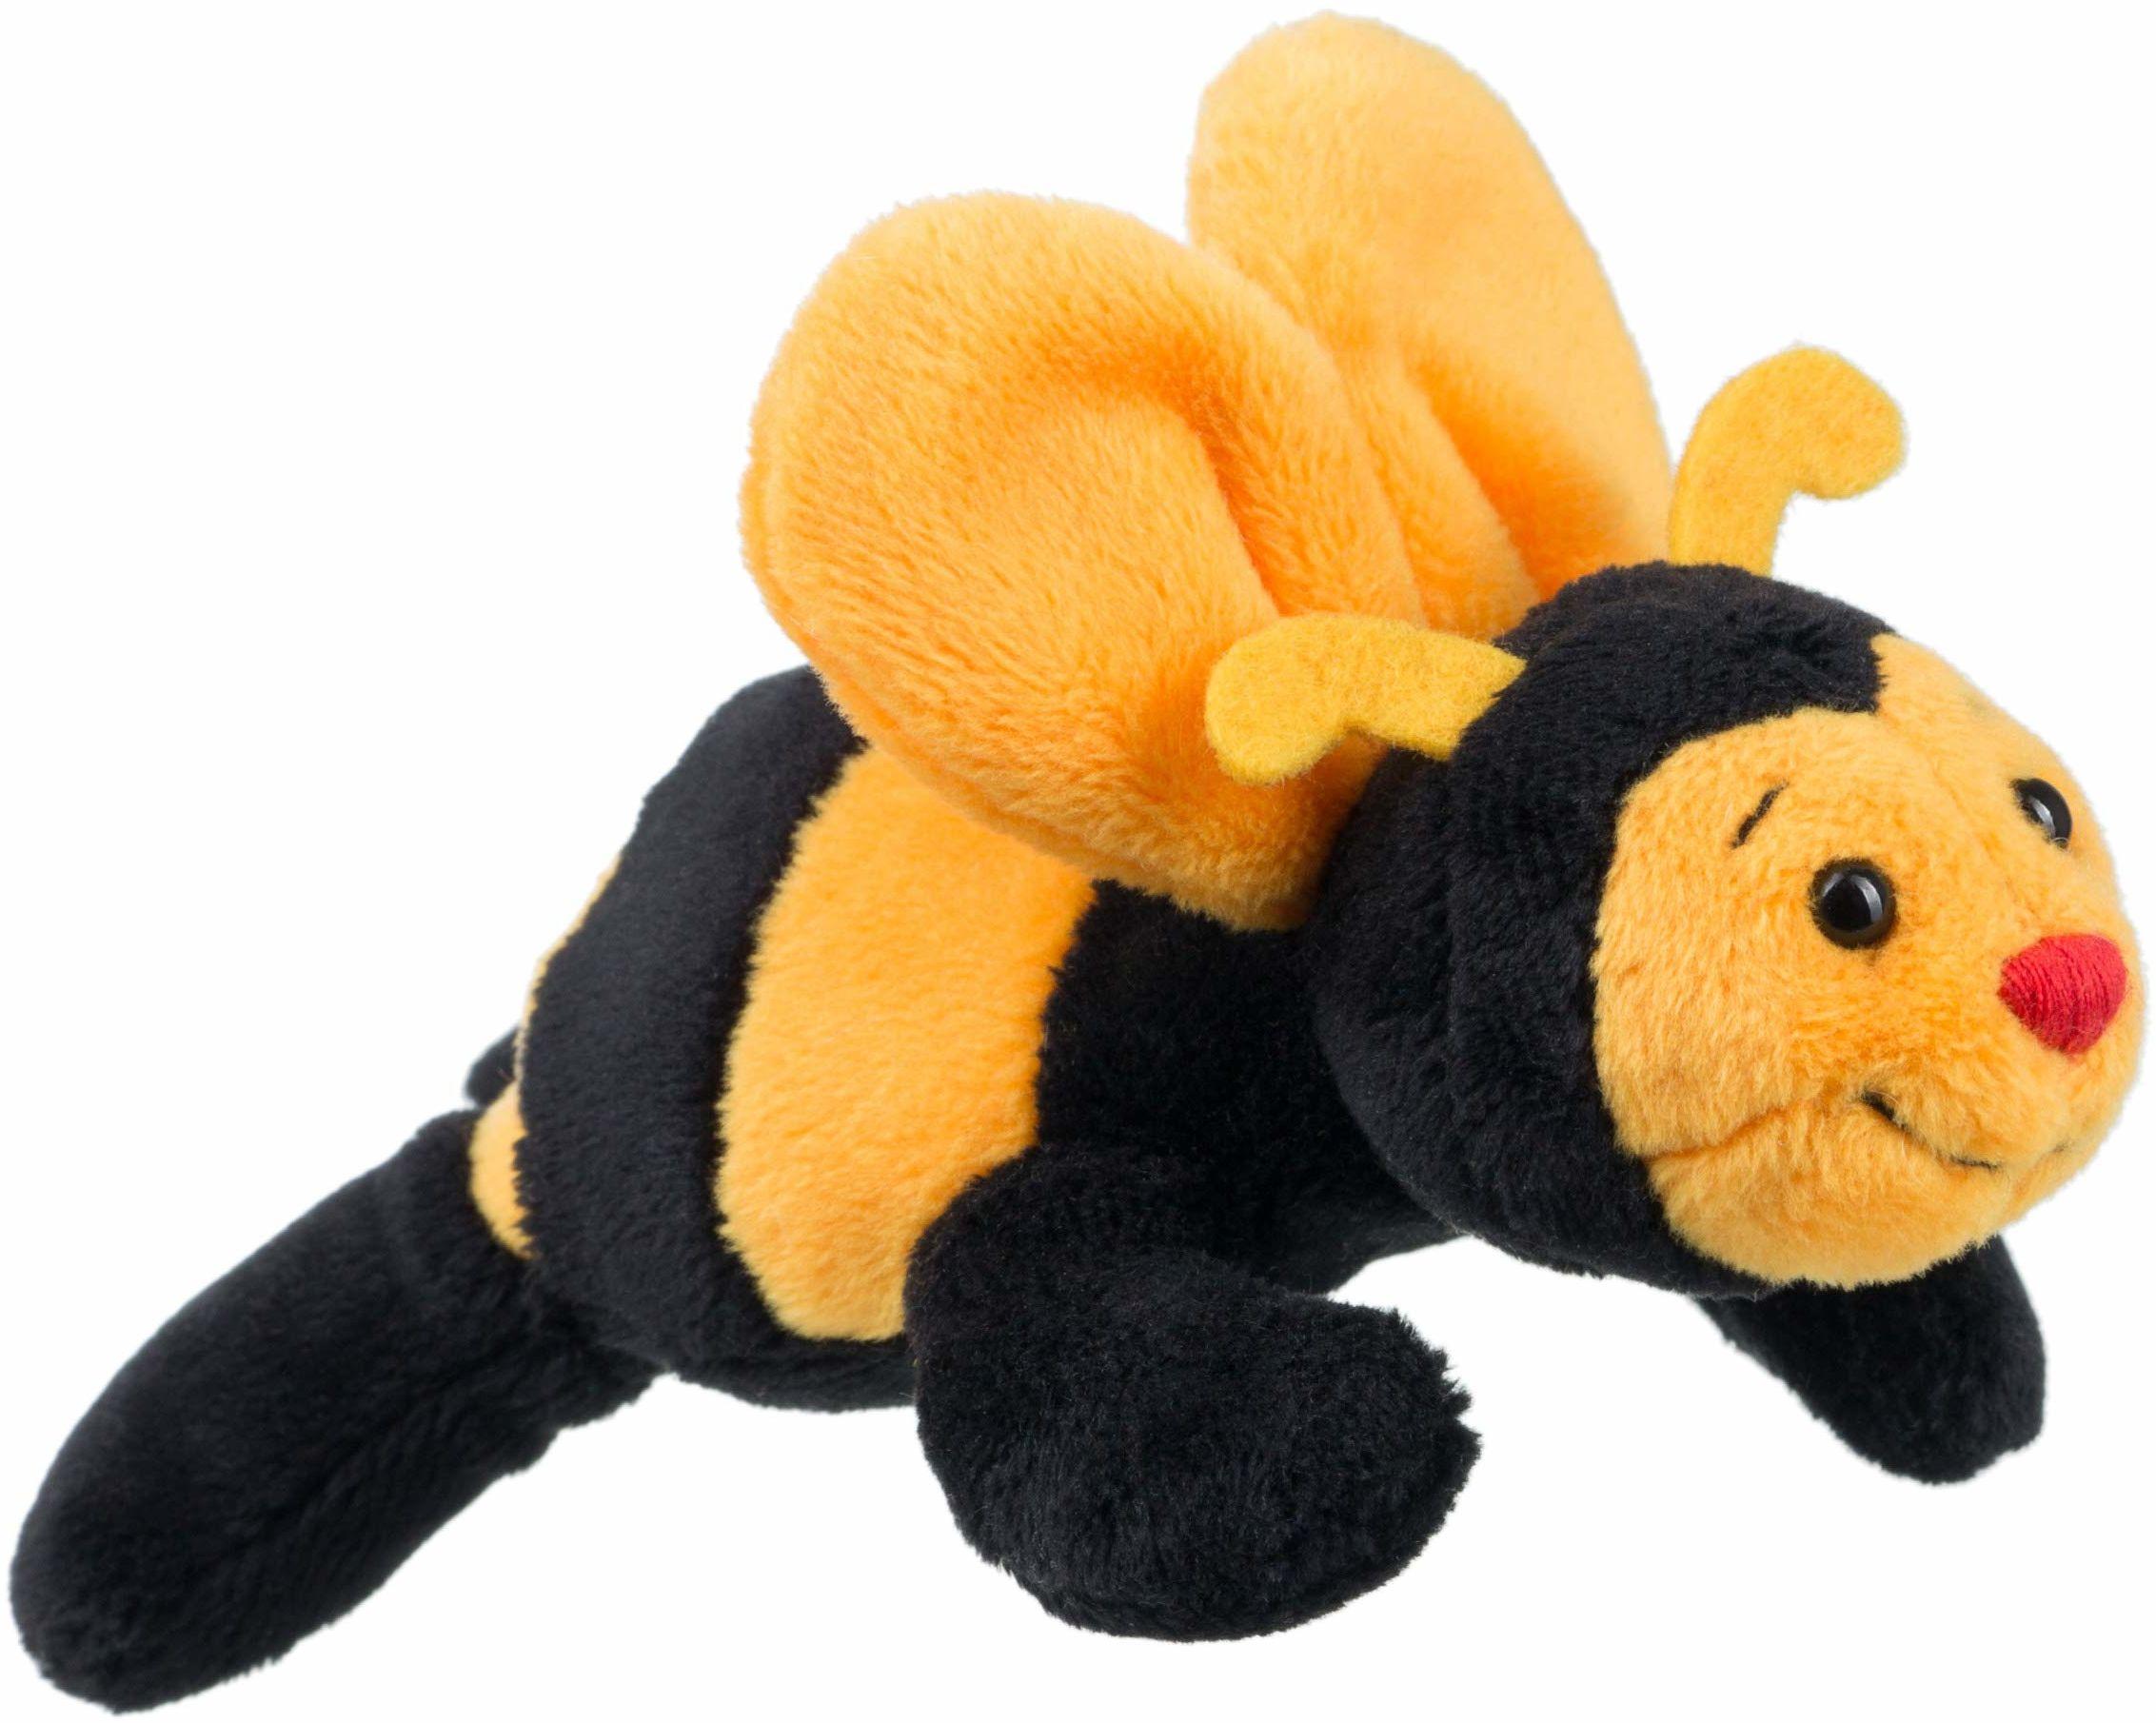 Schaffer 3546 Sabiene pszczoła pluszowe zwierzątko magnes, żółto-czarny, 12 cm